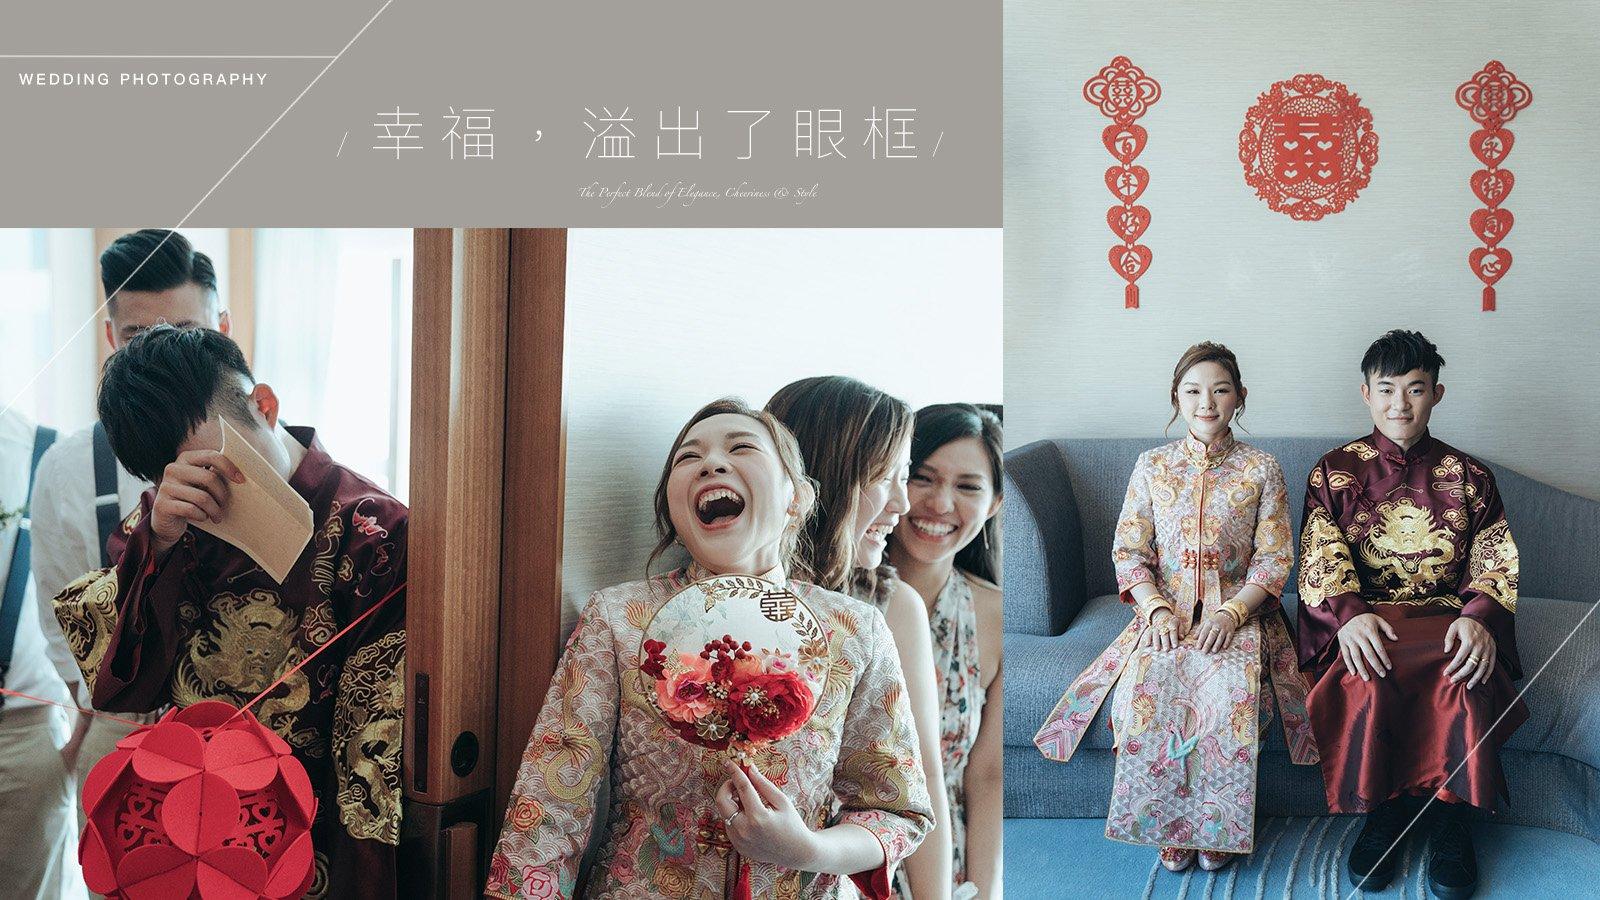 這初戀的婚禮 | Wedding Day Photography | 香港婚禮攝影